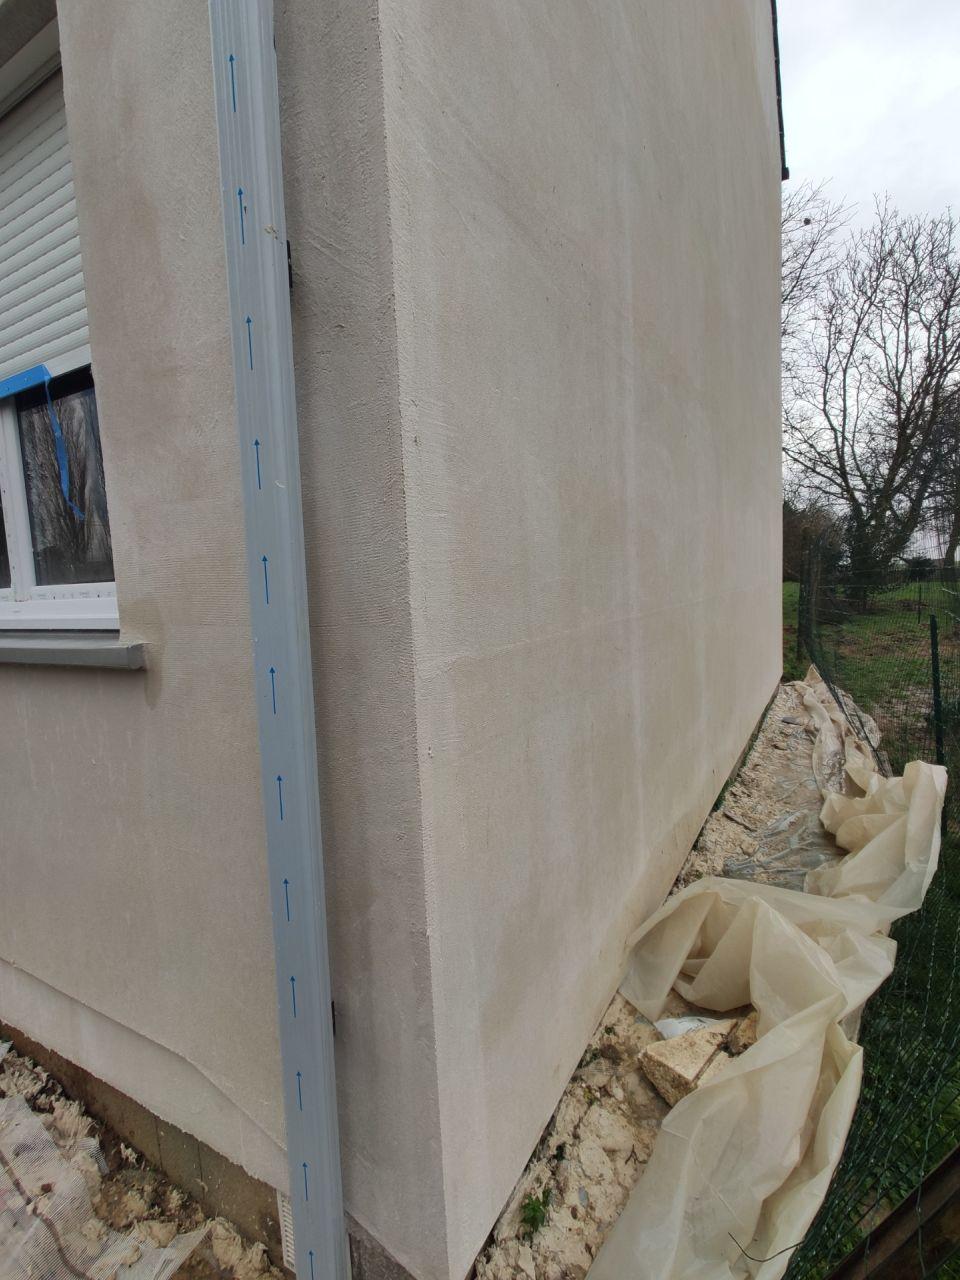 Visite le 01/02/2021 le façadier est venu faire le reste de la sous-couche de la maison (entre le 25/01/2021 et le 01/02/2021) <br /> Photos datant du 06/02/2021. <br />  <br /> façade sud, en limite de propriété